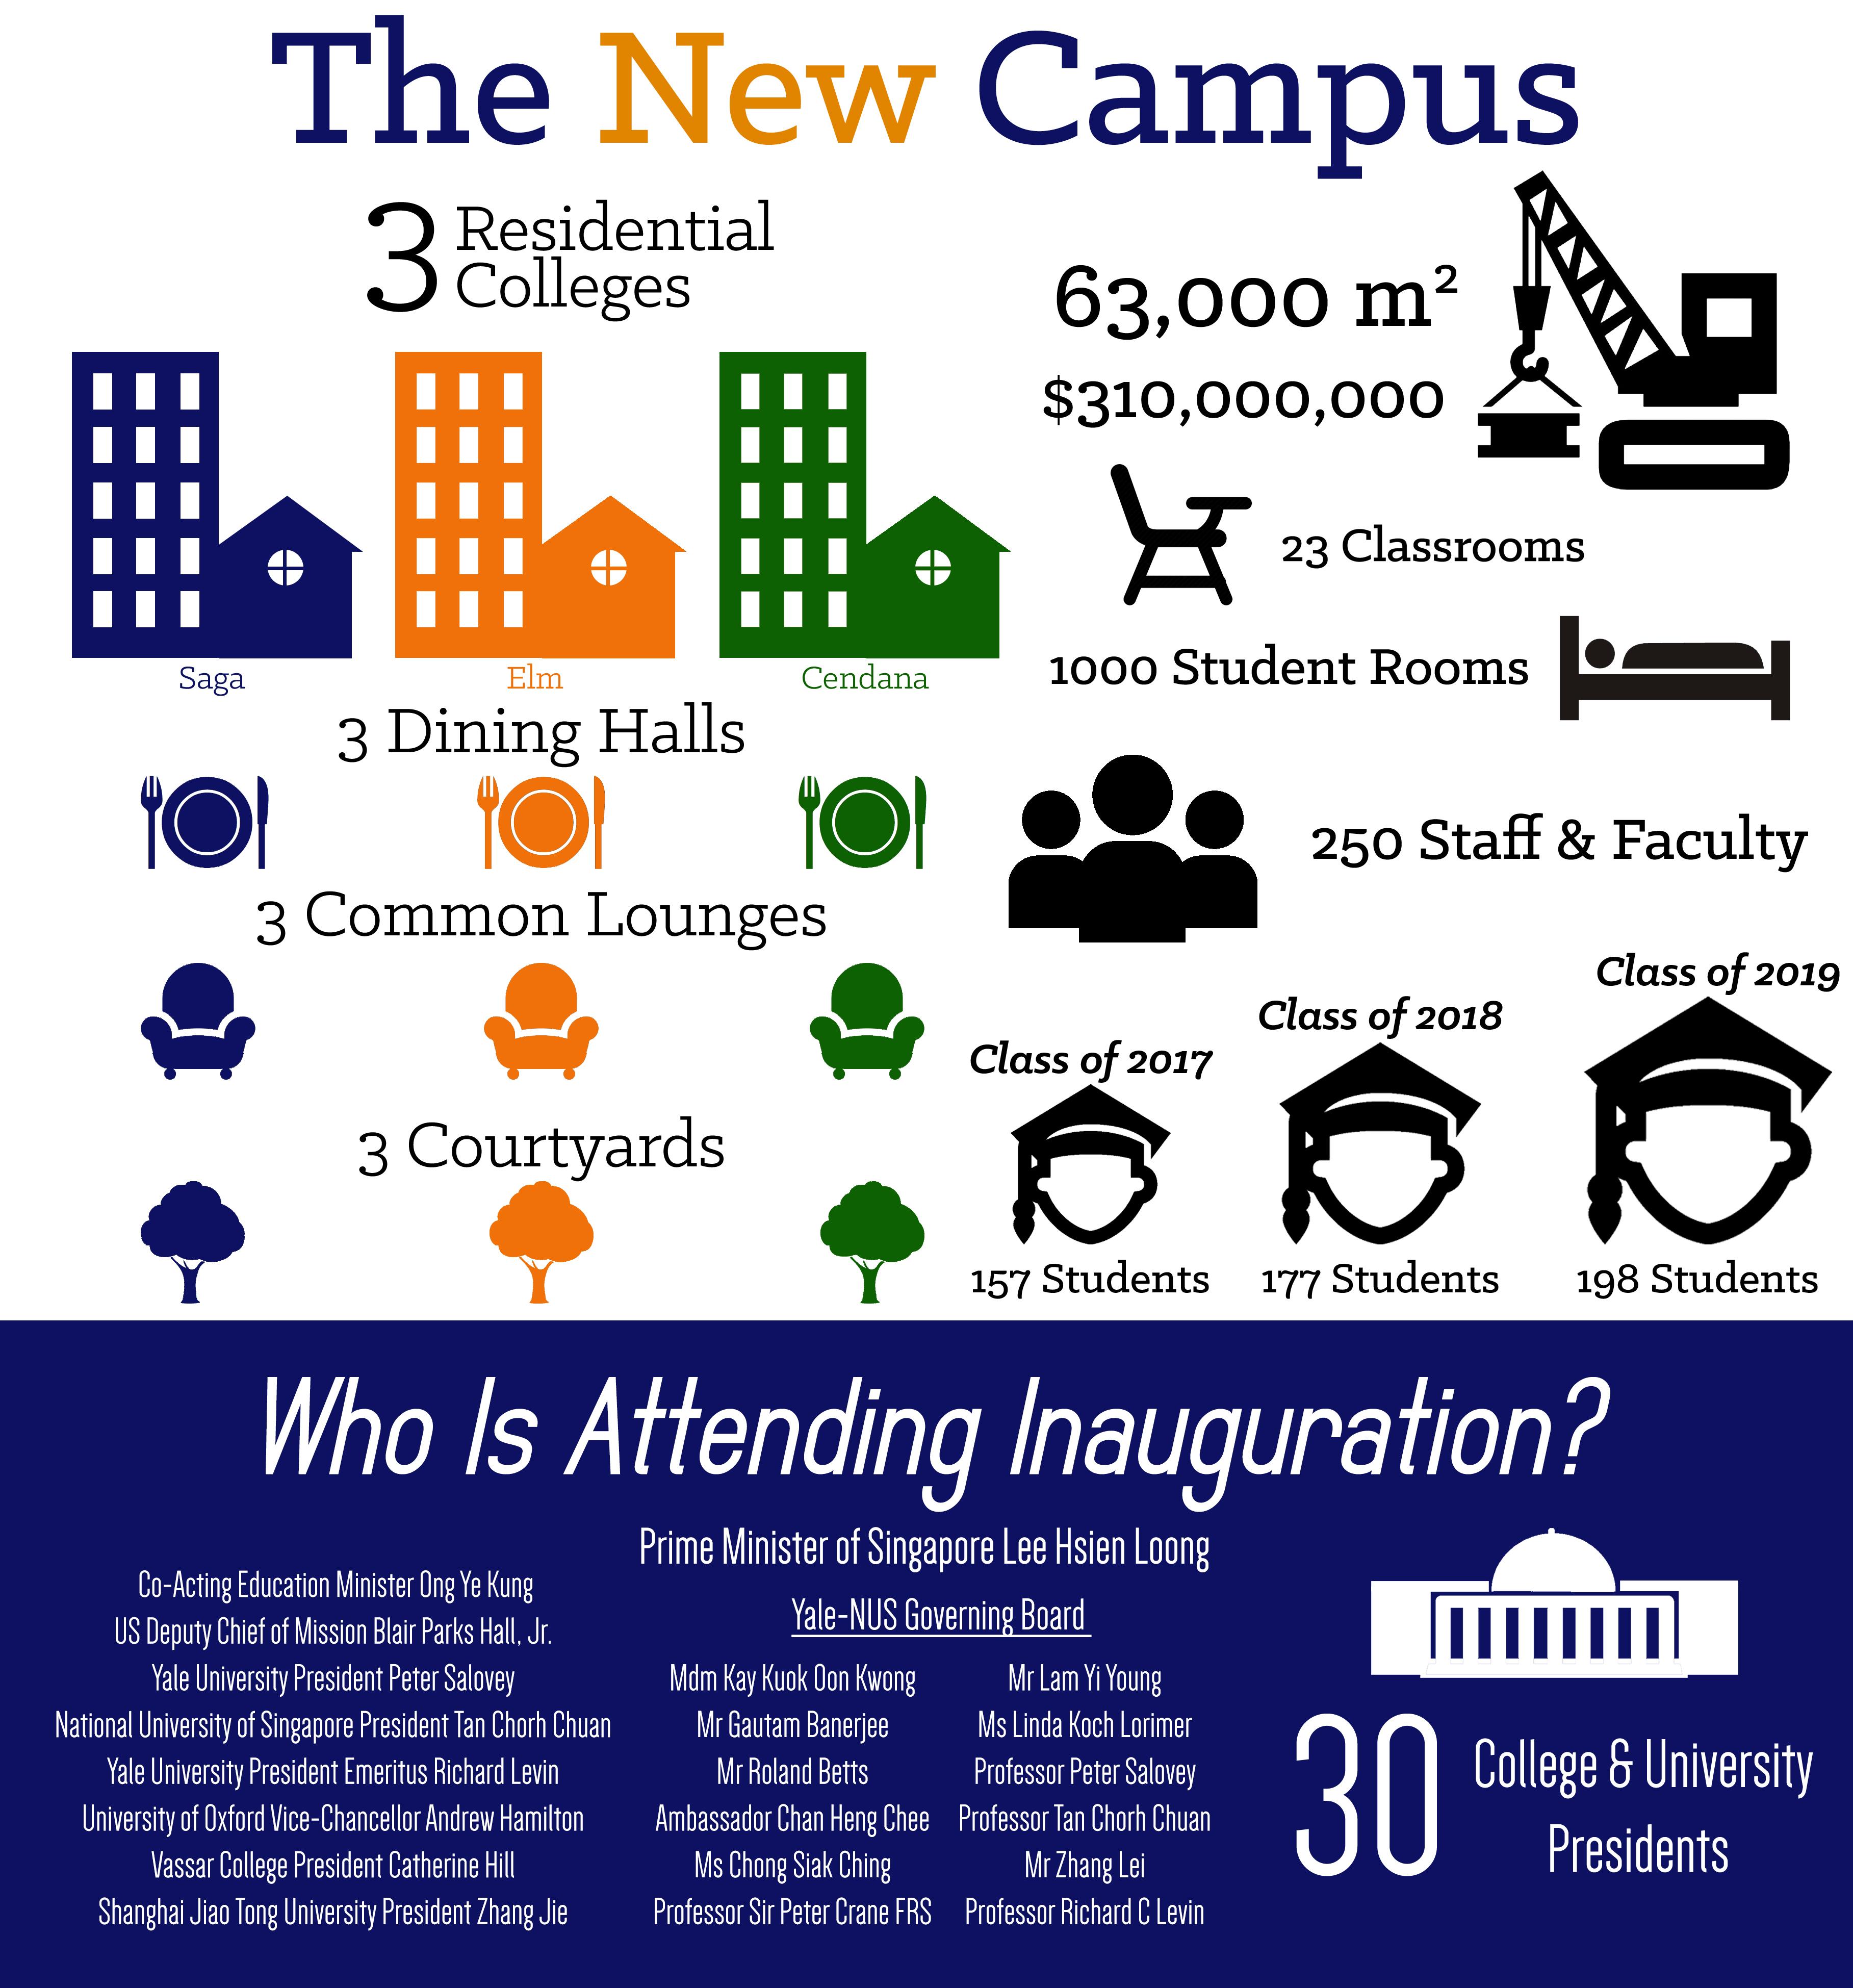 (infographic by Yonatan Gazit)